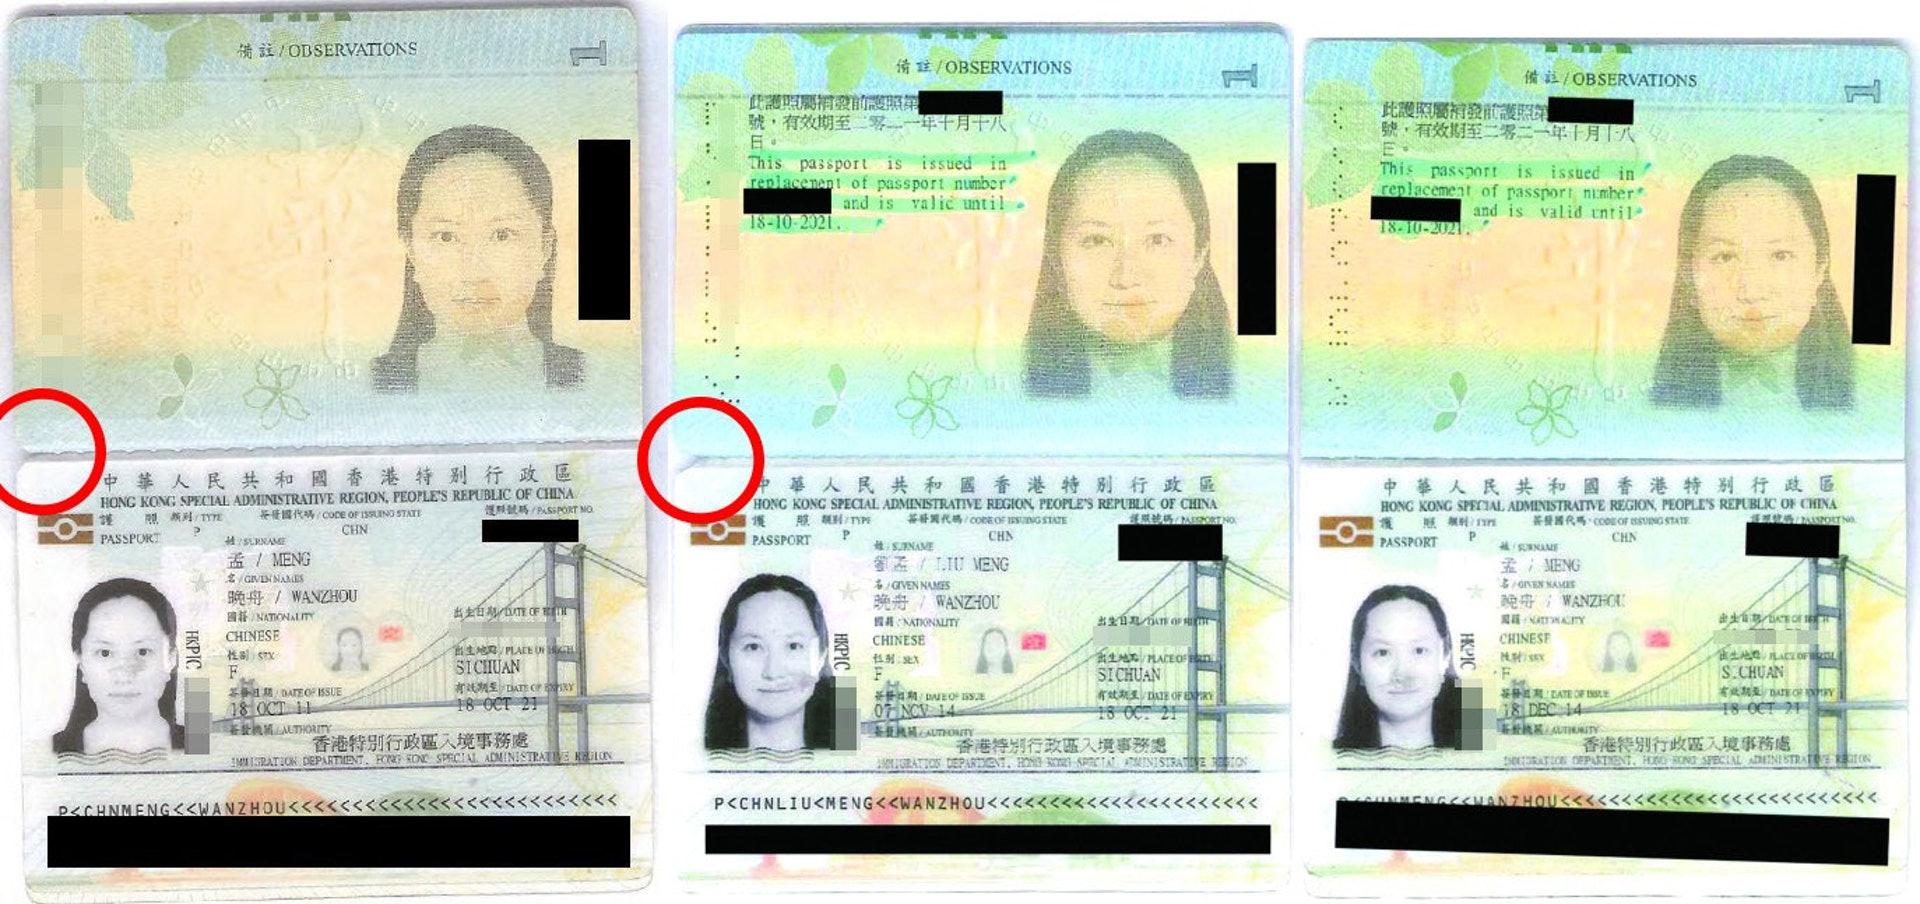 孟晚舟因改名曾多次申请特区护照,前两本已剪角註销(红圈示)。(加拿大法庭文件)